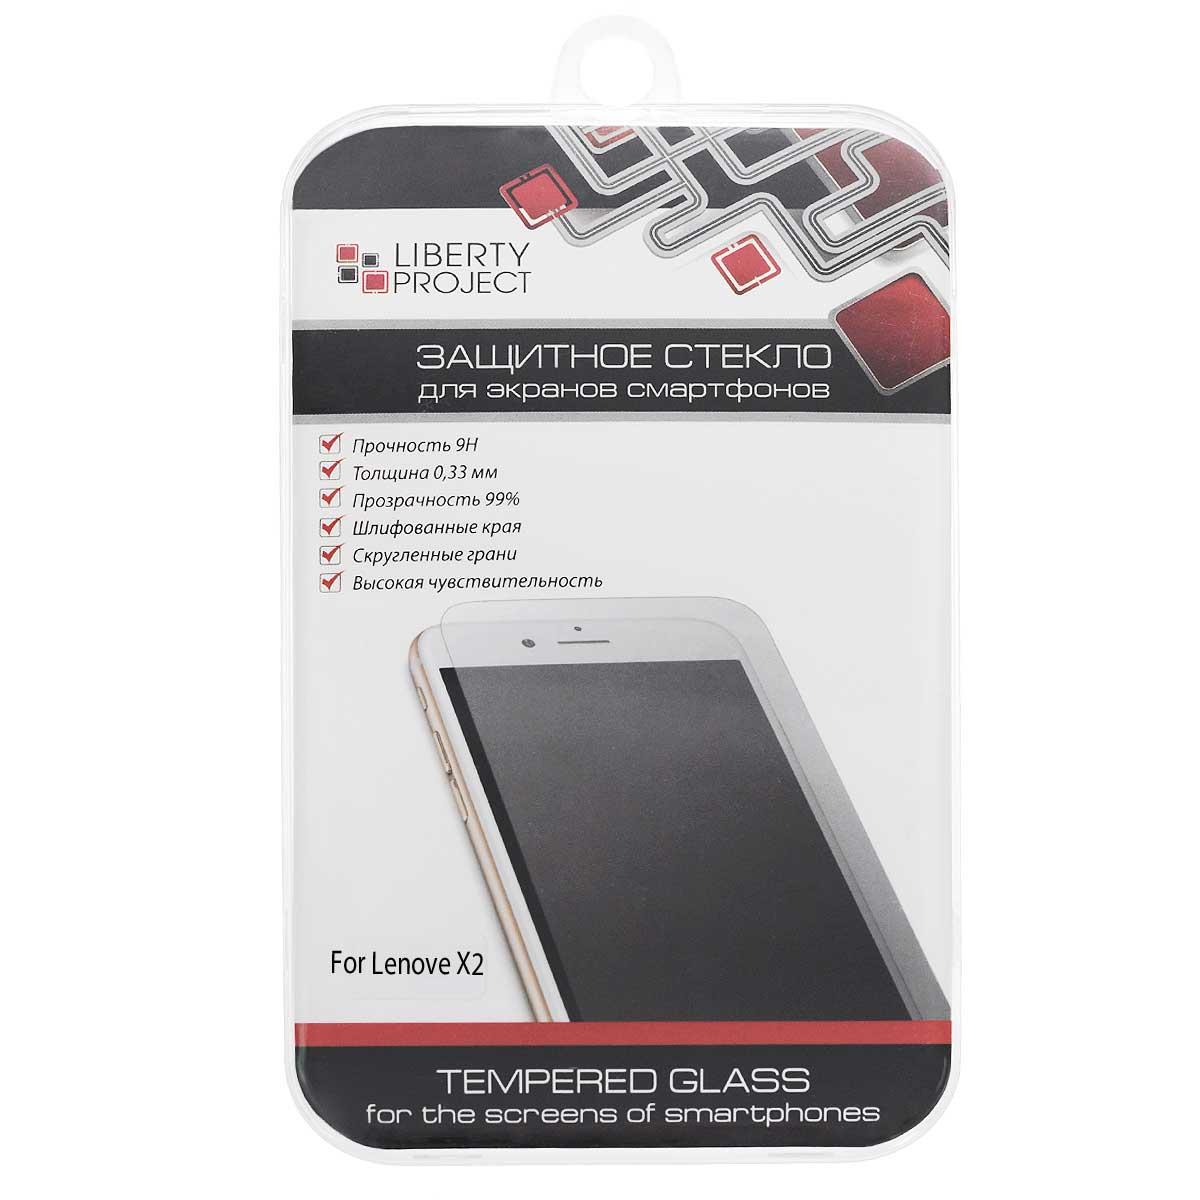 Liberty Project Tempered Glass защитное стекло для Lenovo X2, Clear (0,33 мм)0L-00000529Защитное стекло Liberty Project Tempered Glass предназначено для защиты поверхности экрана, от царапин, потертостей, отпечатков пальцев и прочих следов механического воздействия. Гарантирует высокую чувствительность при работе с устройством. Данная модель также обладает антибликовым и водоотталкивающим эффектом.